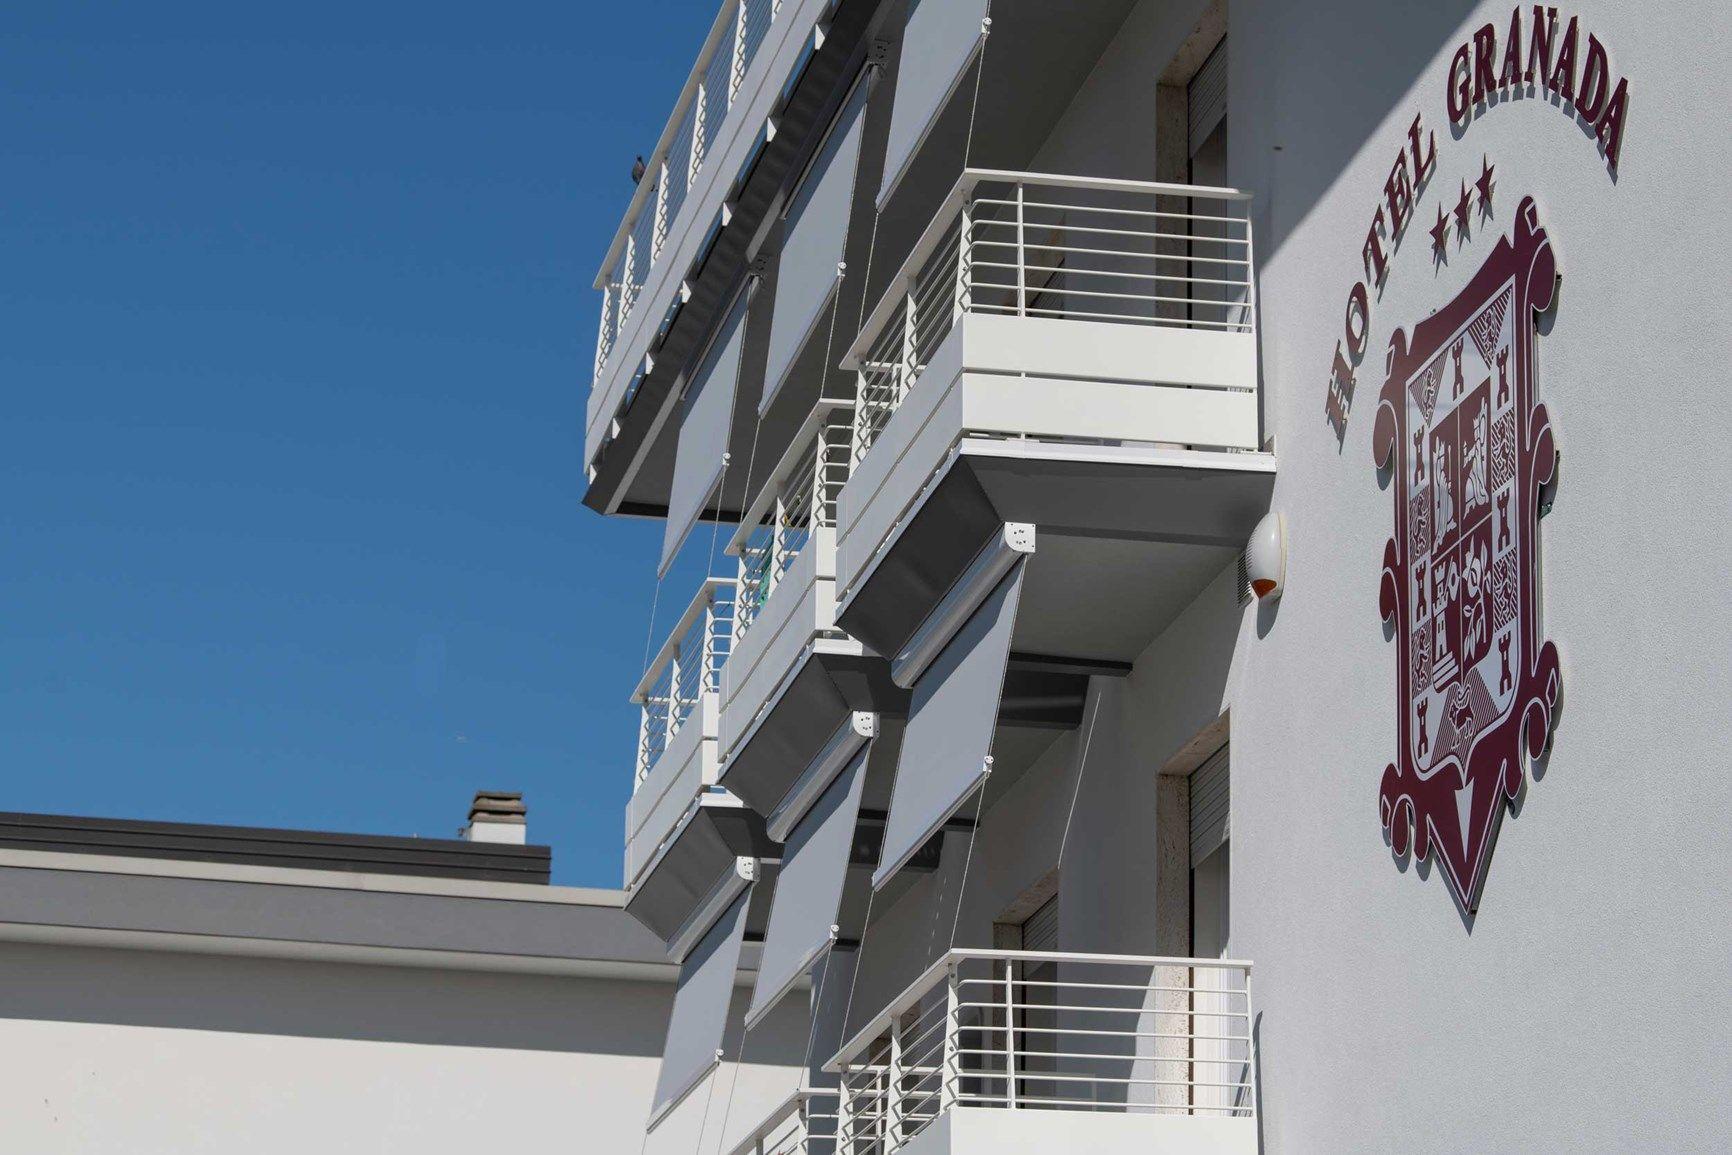 Le tende a rullo Screeny di KE rinnovano e proteggono la facciata dell'Hotel Granada, a Jesolo (VE)